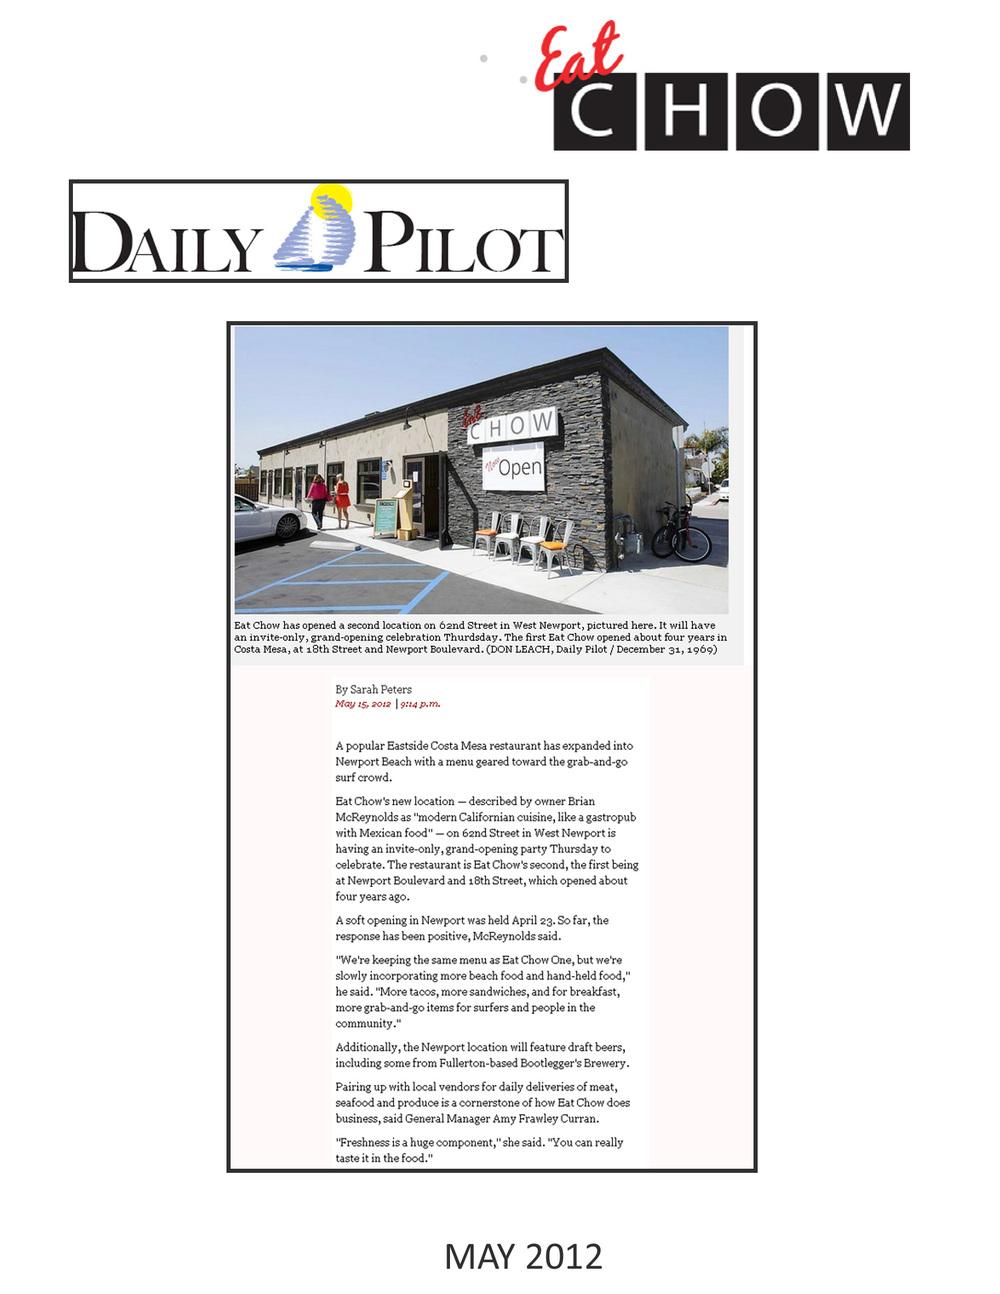 DailyPilot_May2012.jpg